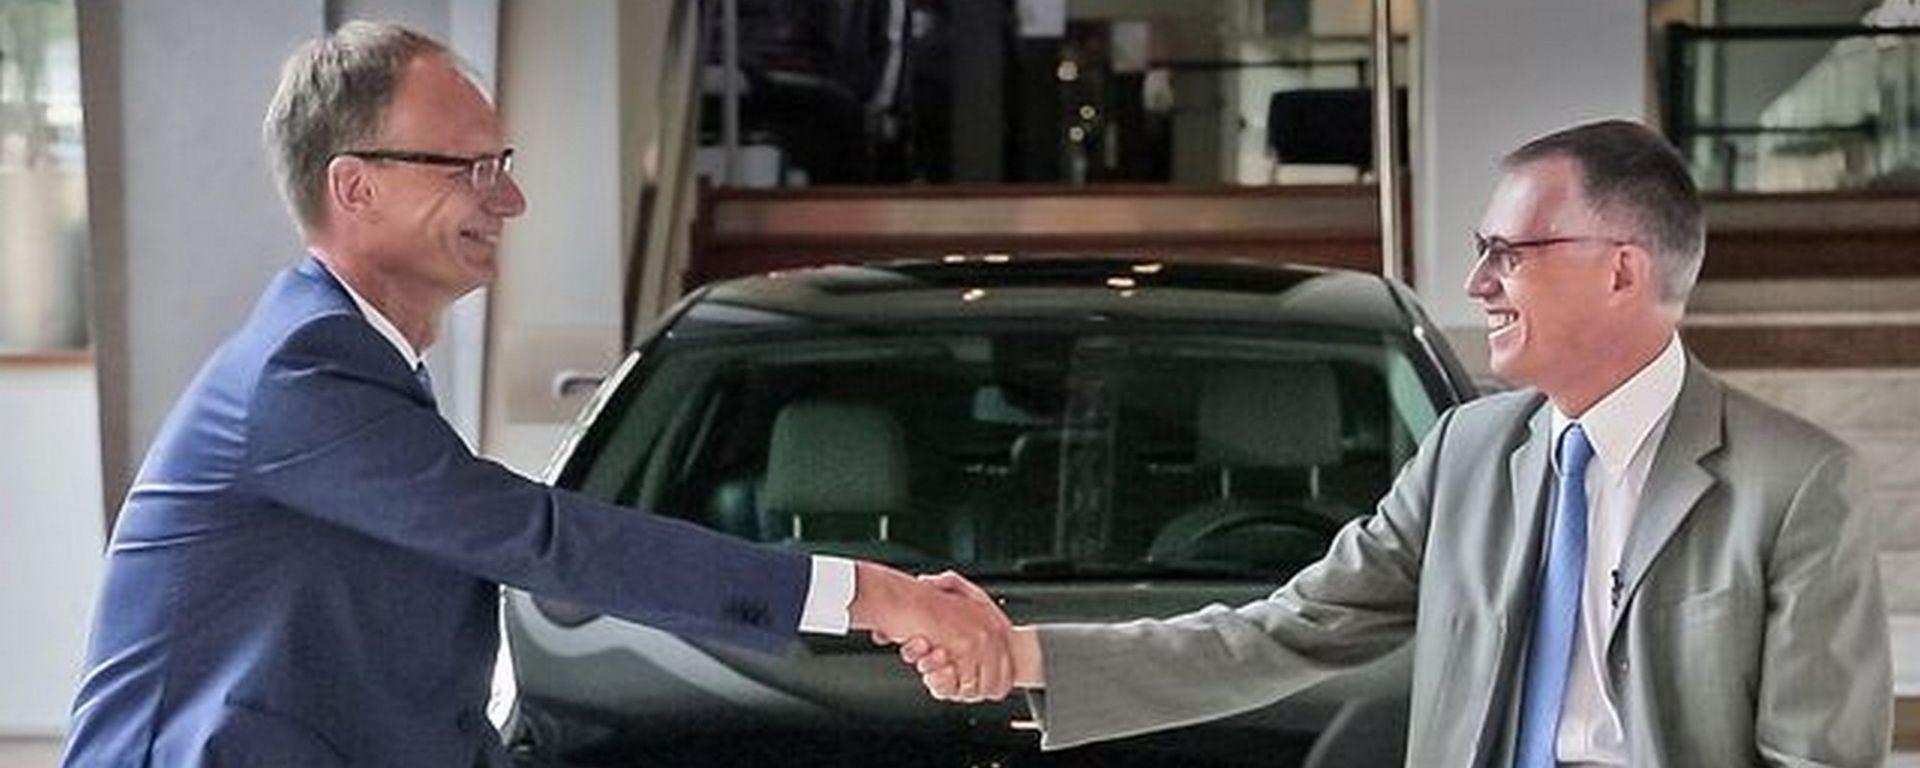 Stretta di mano tra il CEO di Opel Michael Lohscheller e il CEO di PSA Groupe Carlos Tavares